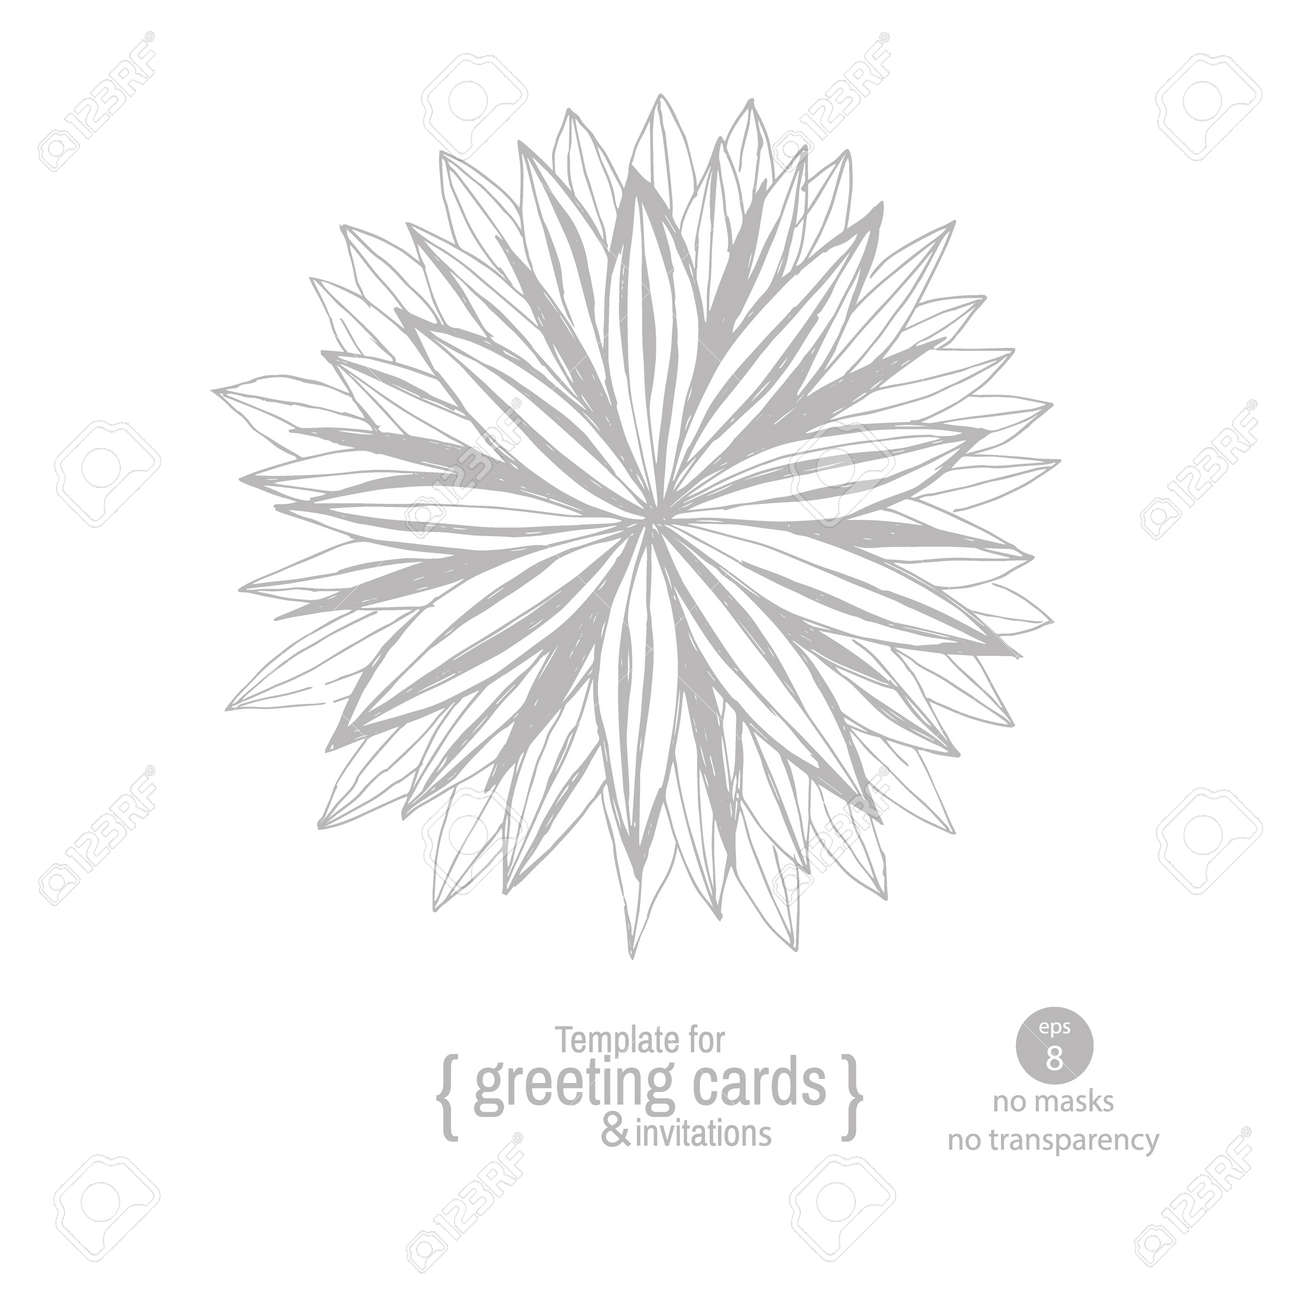 Tarjeta De Felicitación De La Plantilla O Invitación Para La Fiesta Aniversarios Fiestas Eventos De Gala Gráfico De La Mano De Flores